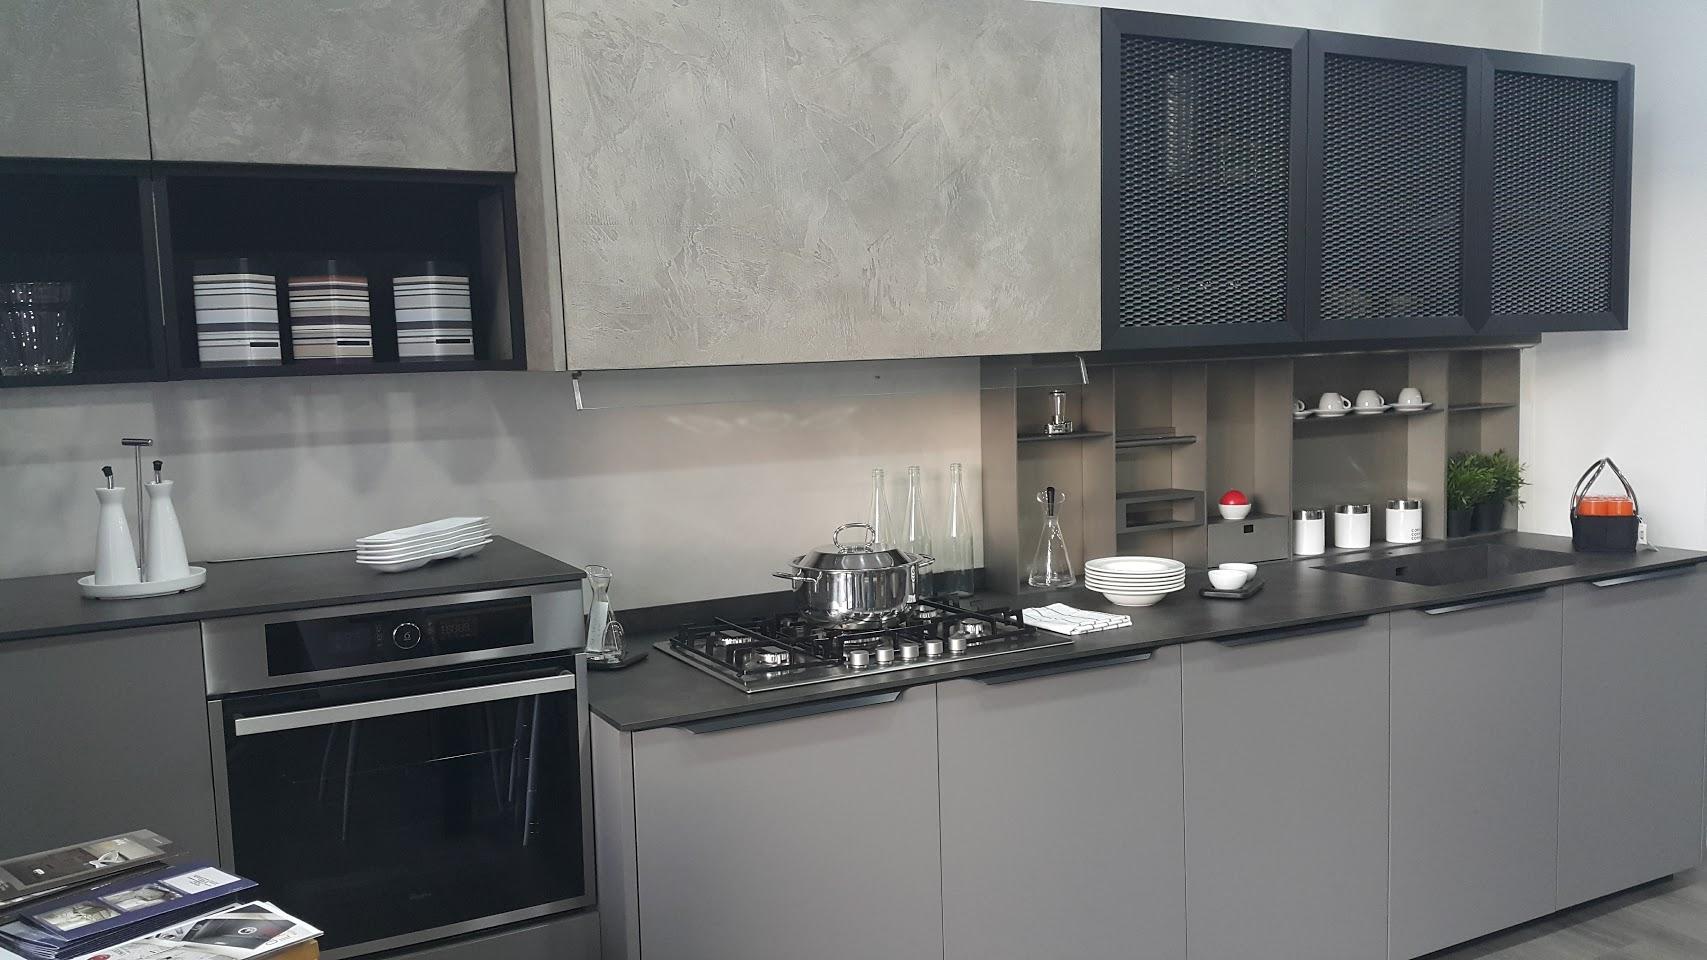 Cucina lube cucine oltre industriale cucine a prezzi - Prezzo cucine lube ...